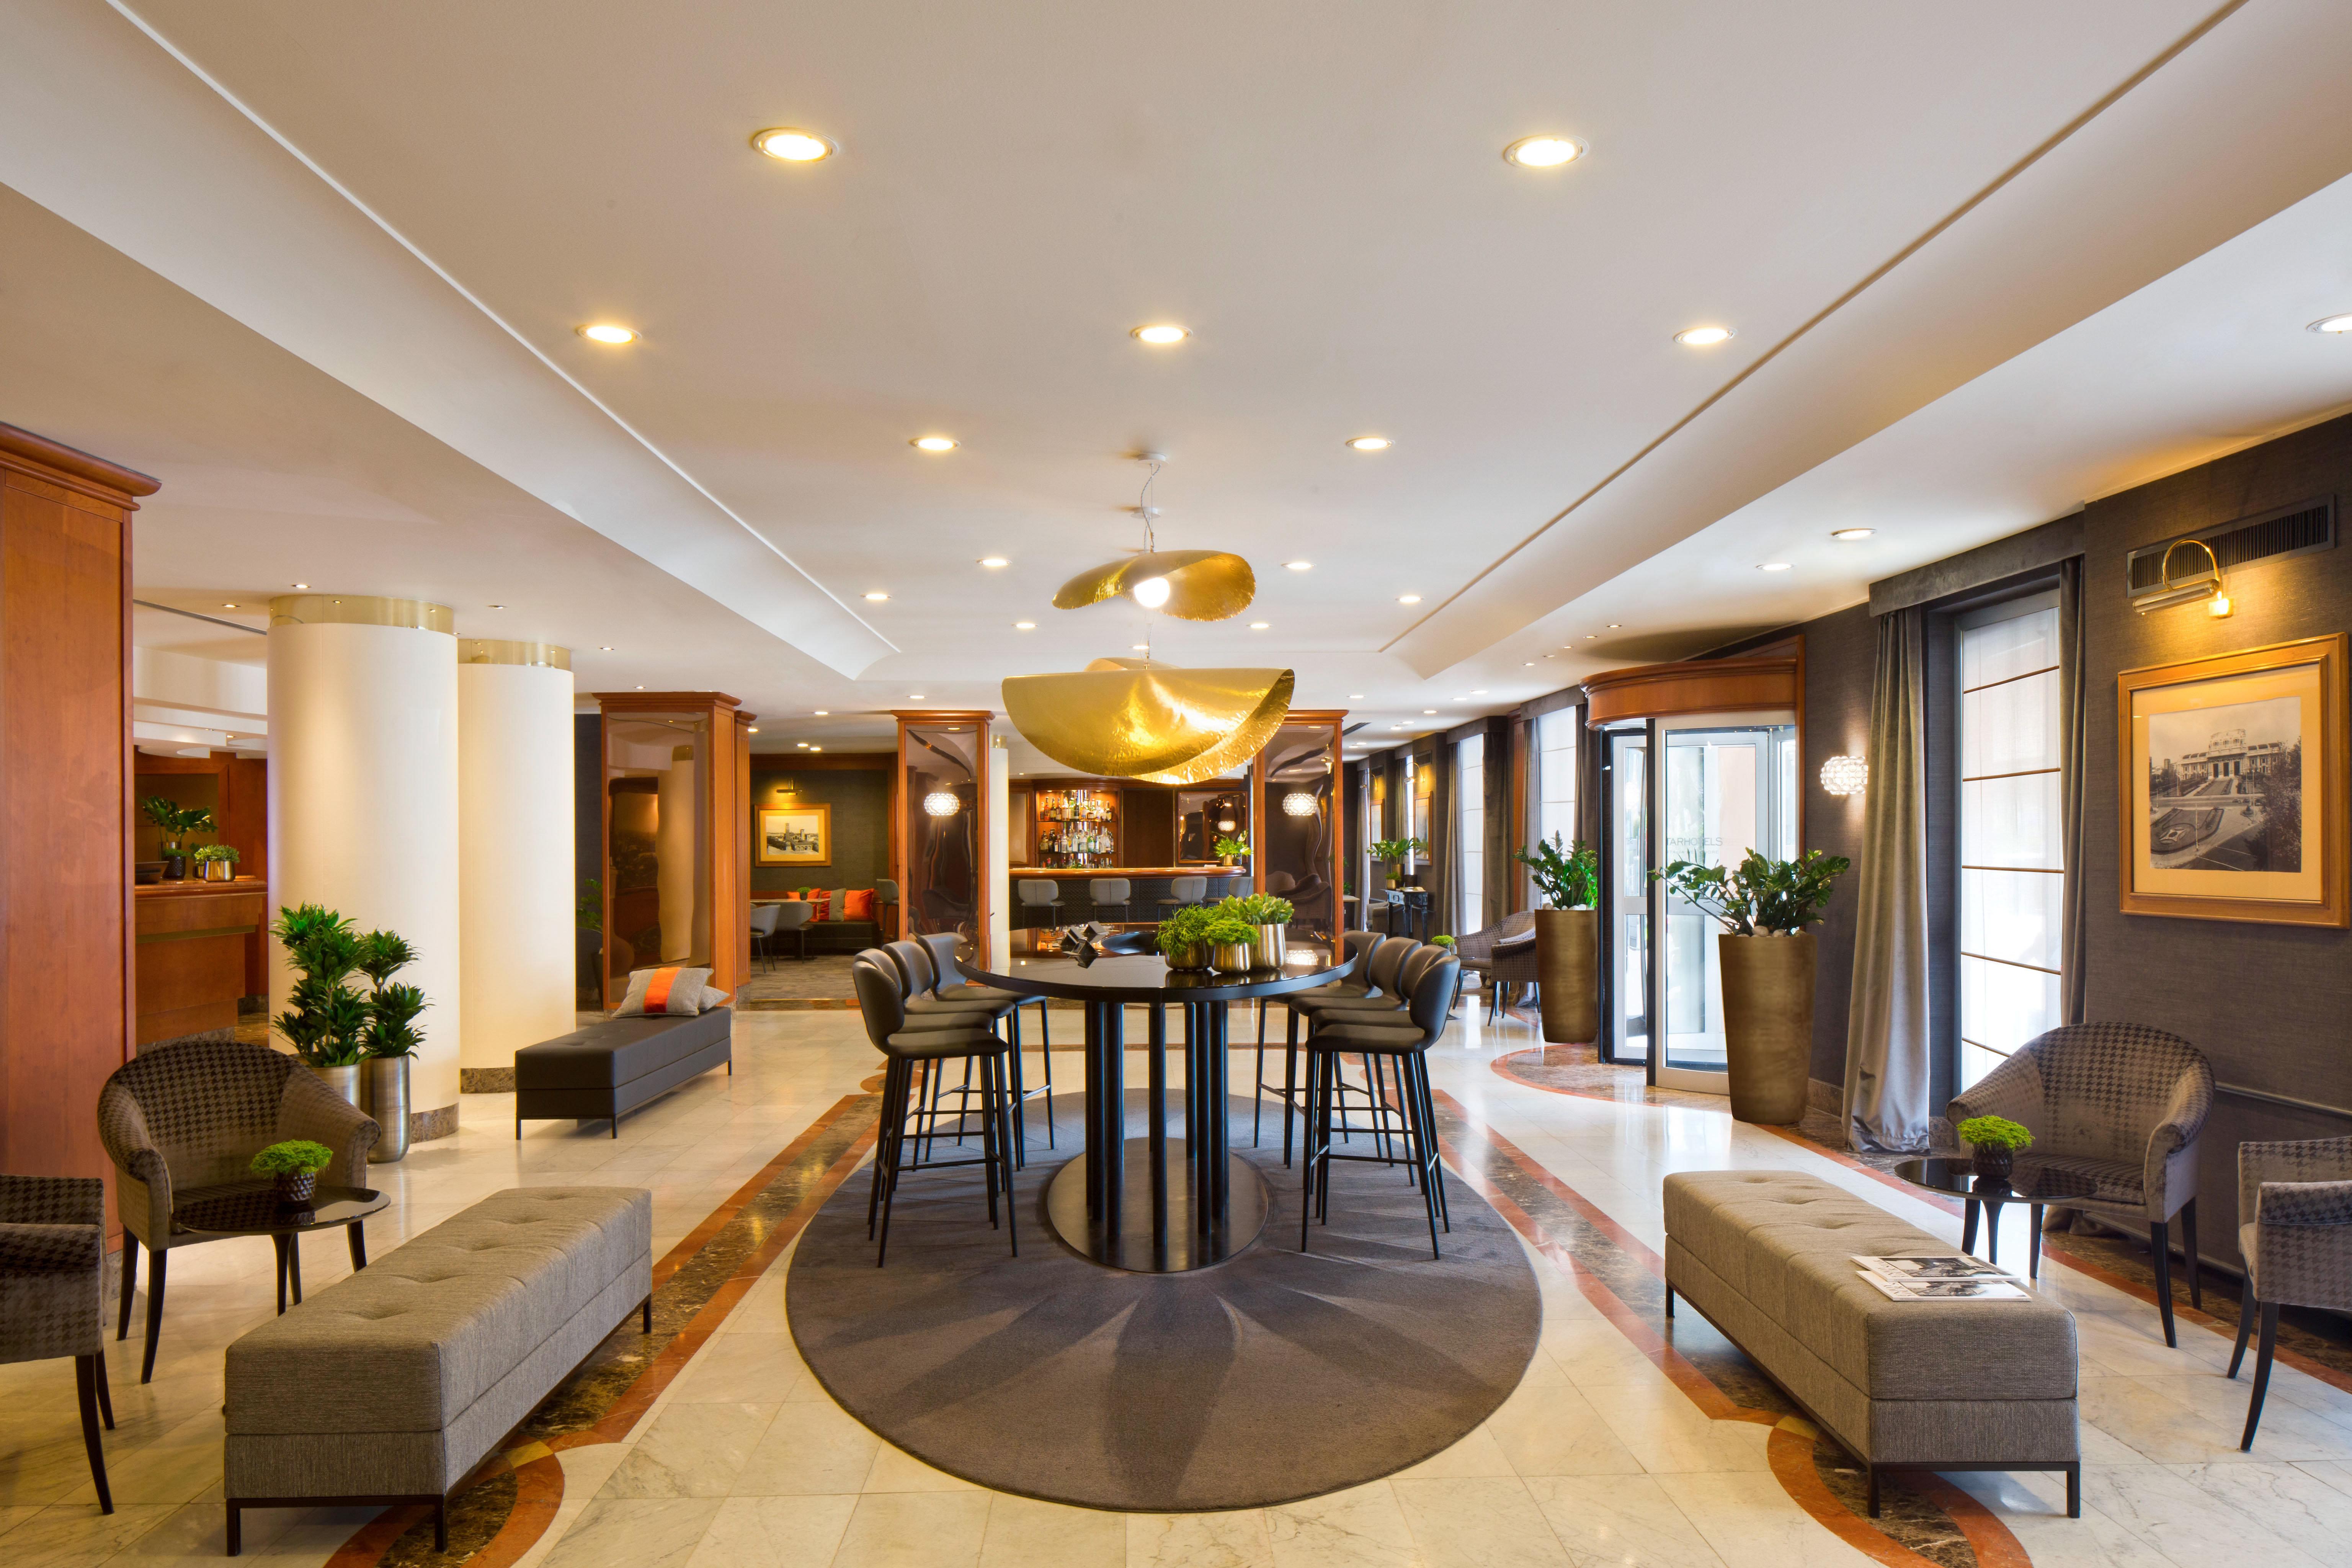 Hotel Mailand 293 Hotels In Mailand Gunstig Buchen Italien